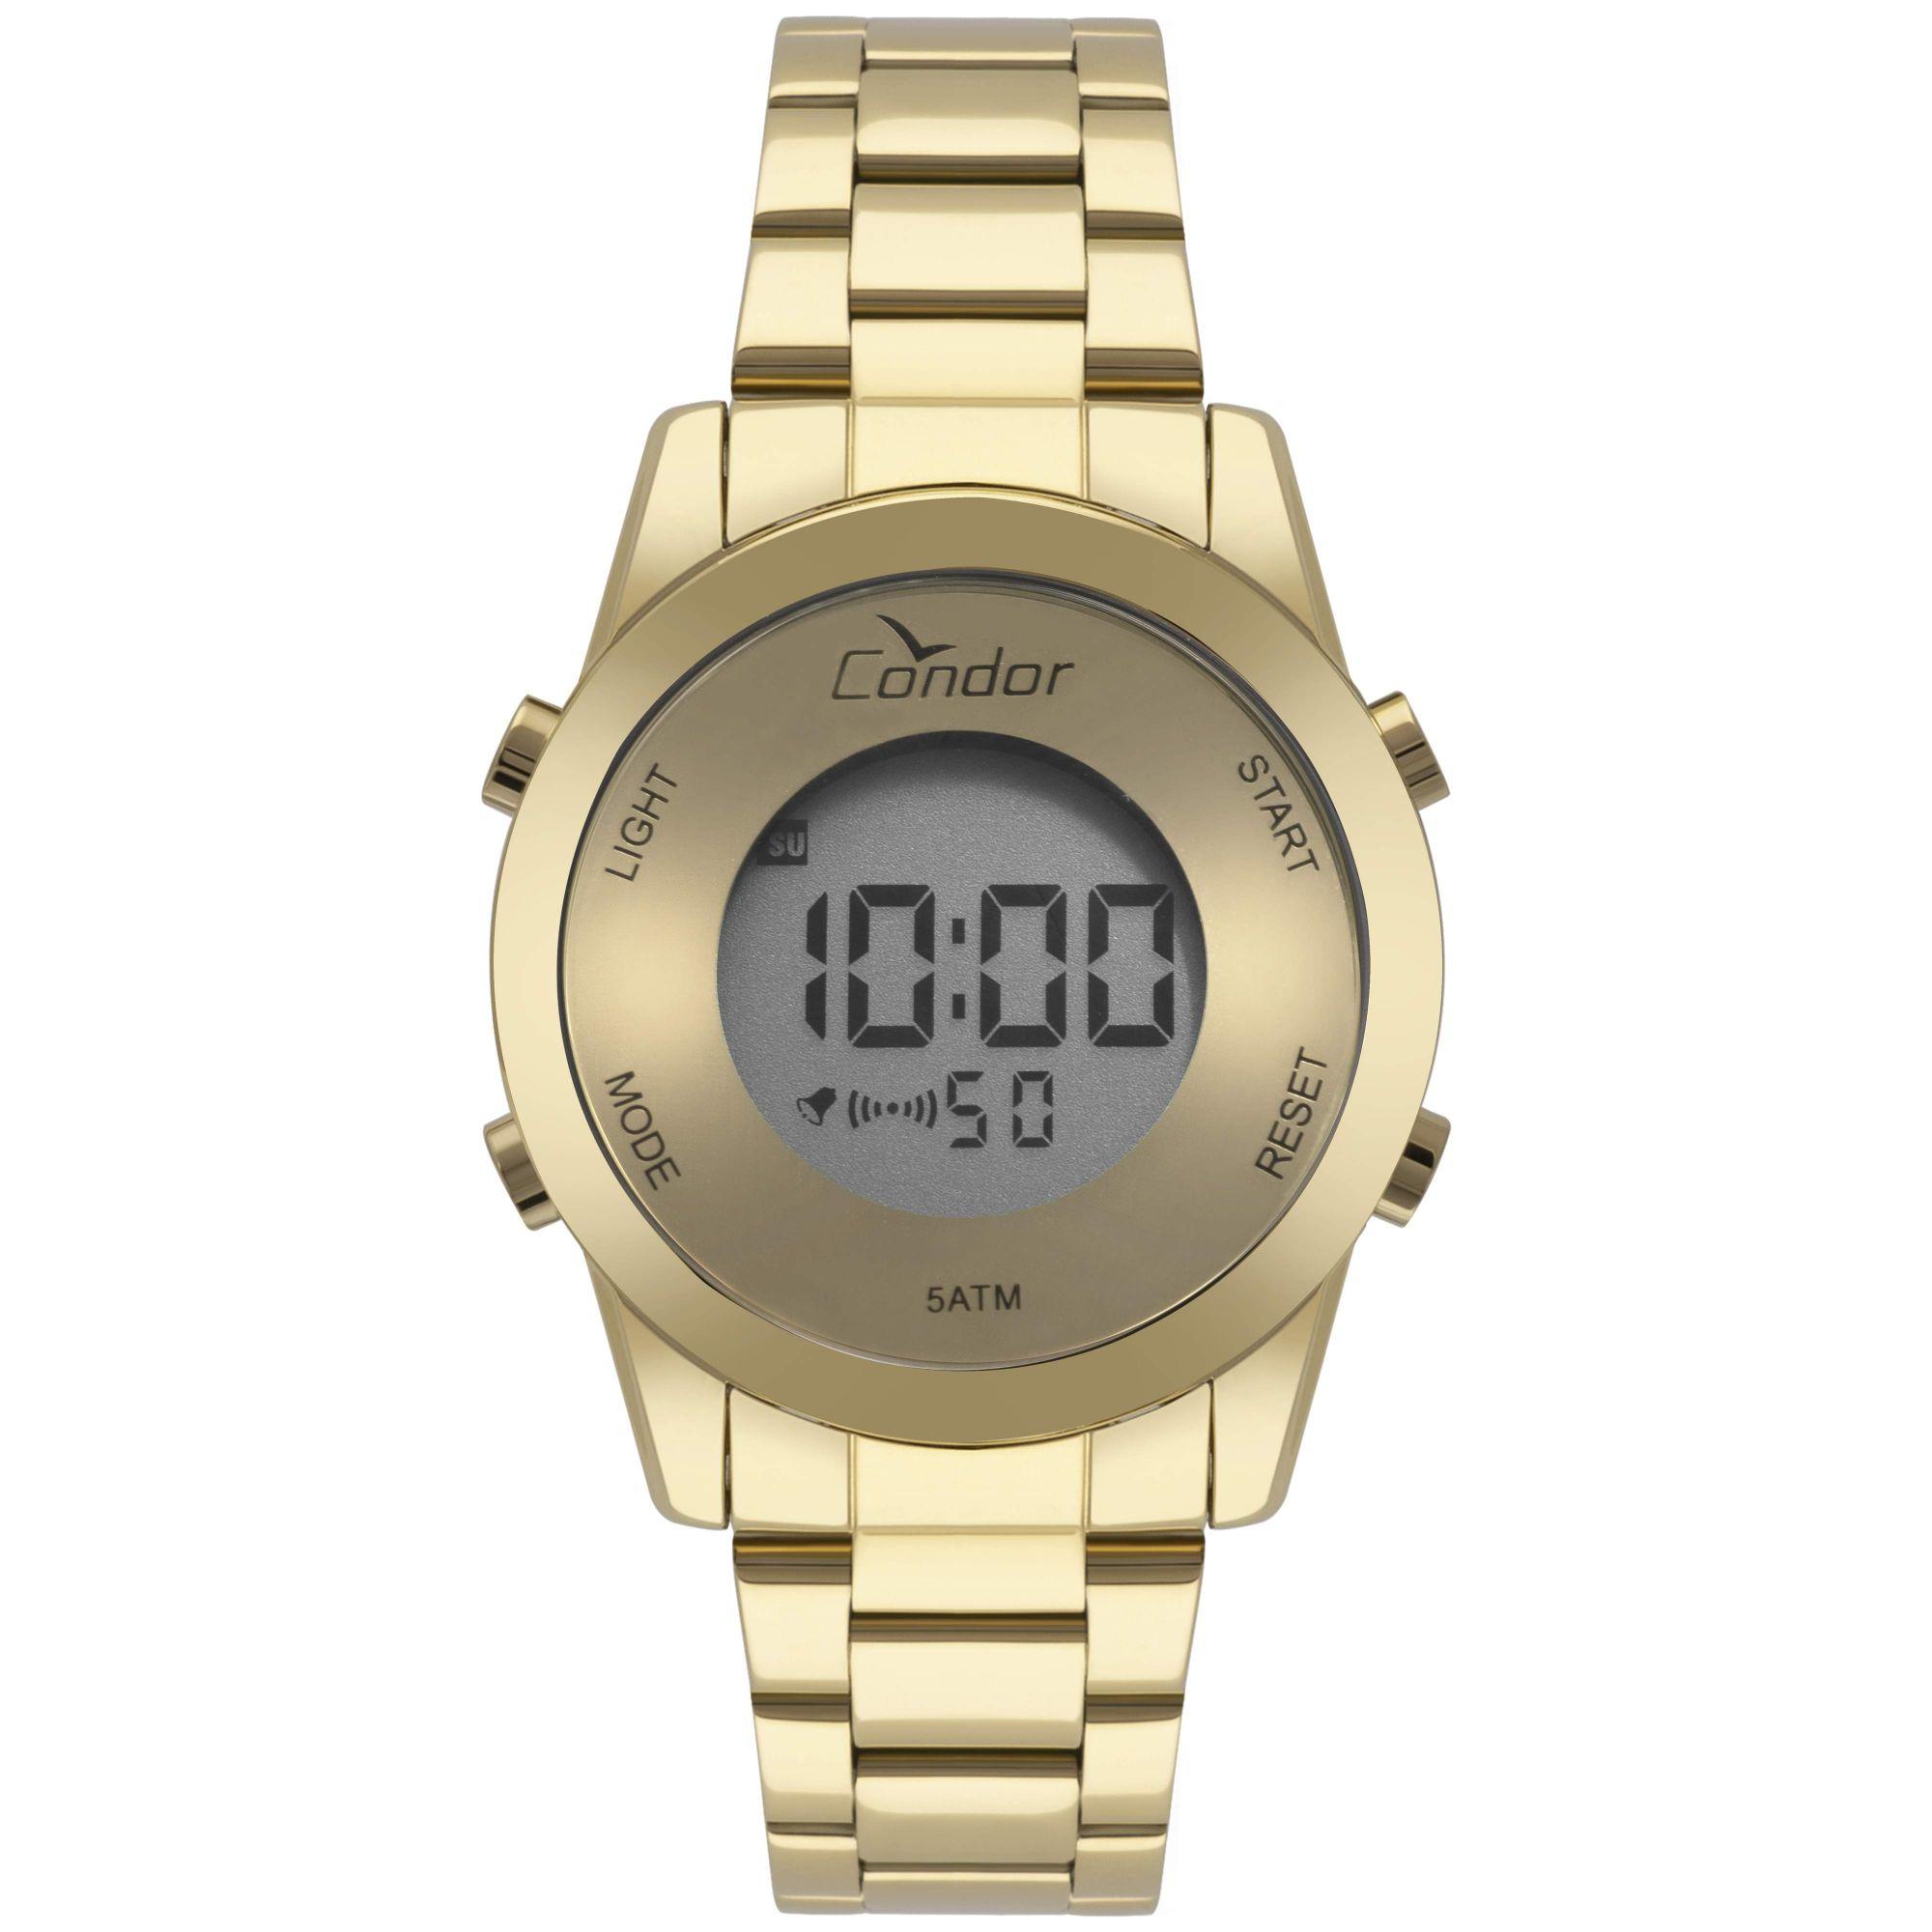 Relógio Condor Feminino Bracelete Digital Dourado COBJ3279AA/4D